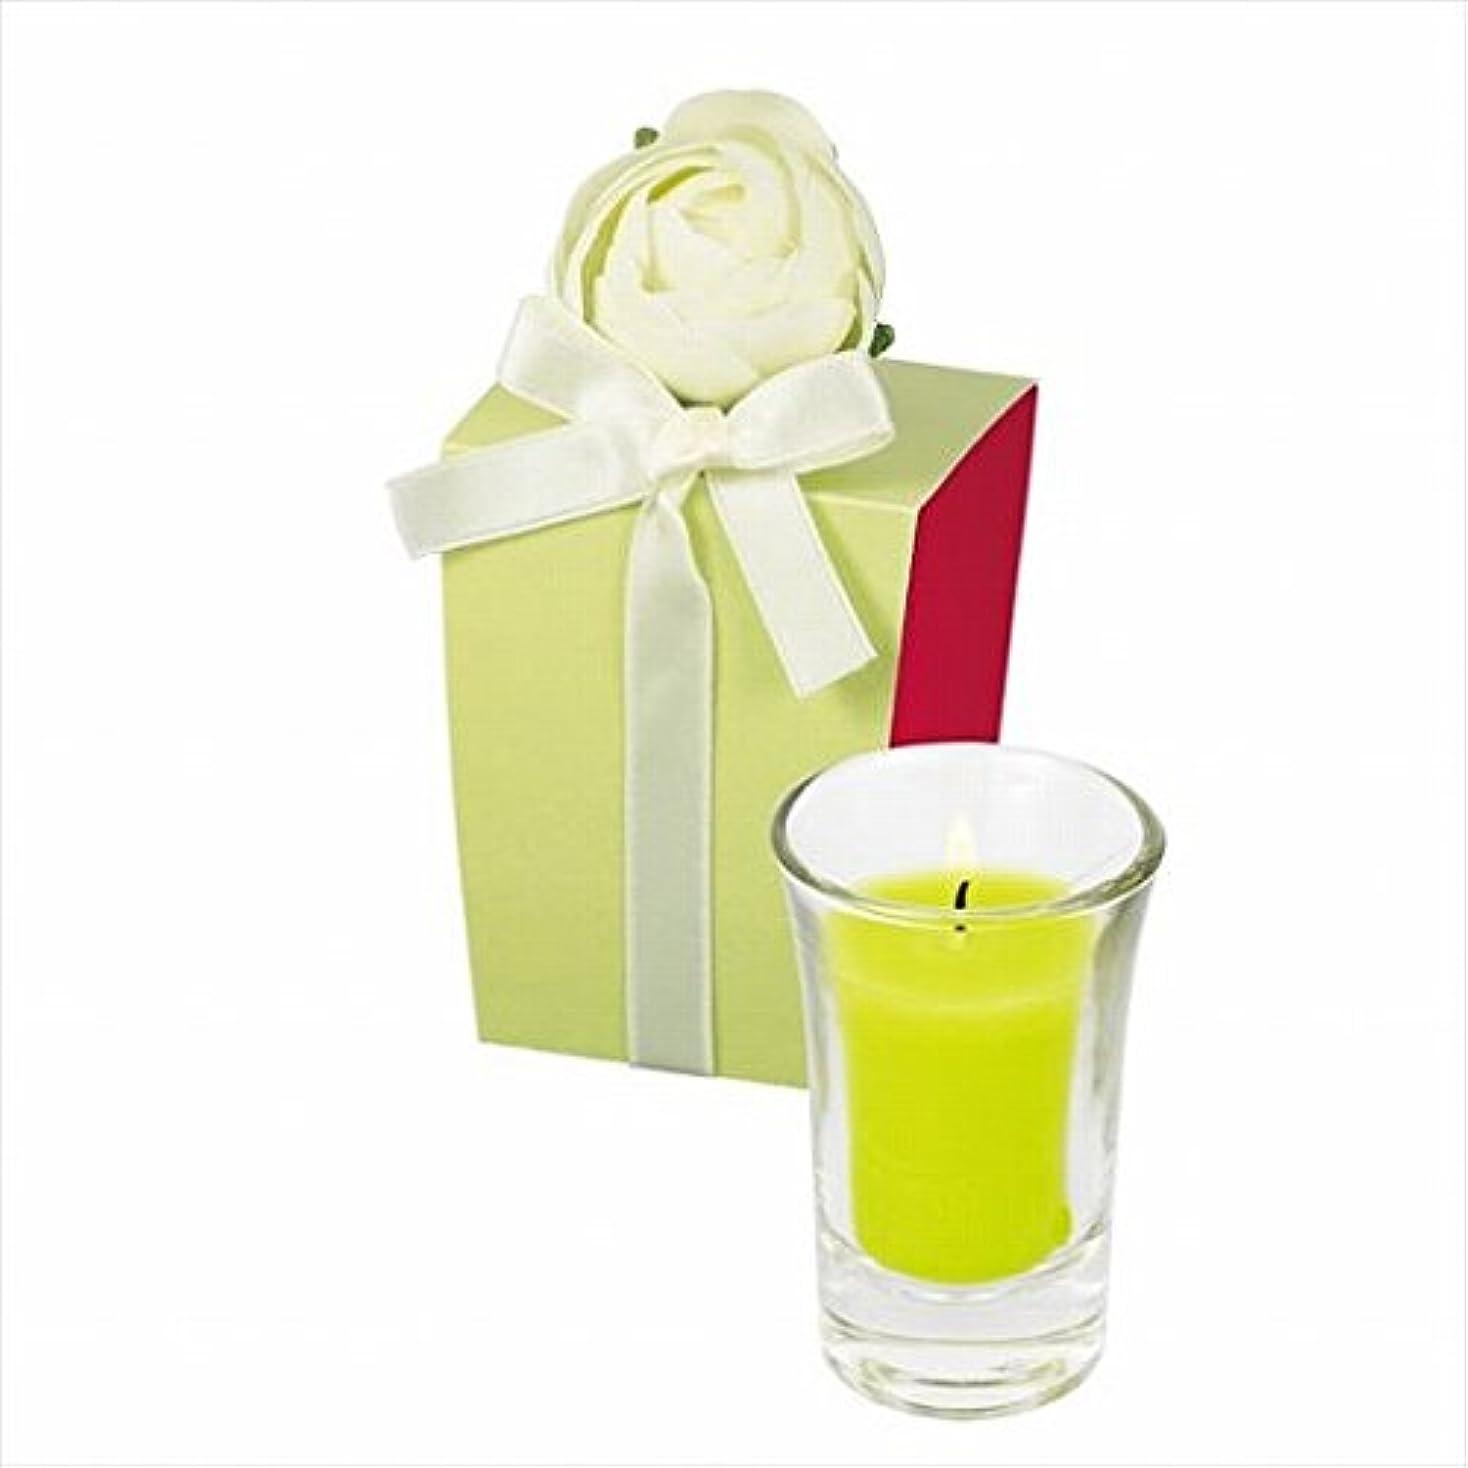 脊椎刺繍代わりにを立てるカメヤマキャンドル(kameyama candle) ラナンキュラスグラスキャンドル 「 ライトグリーン 」